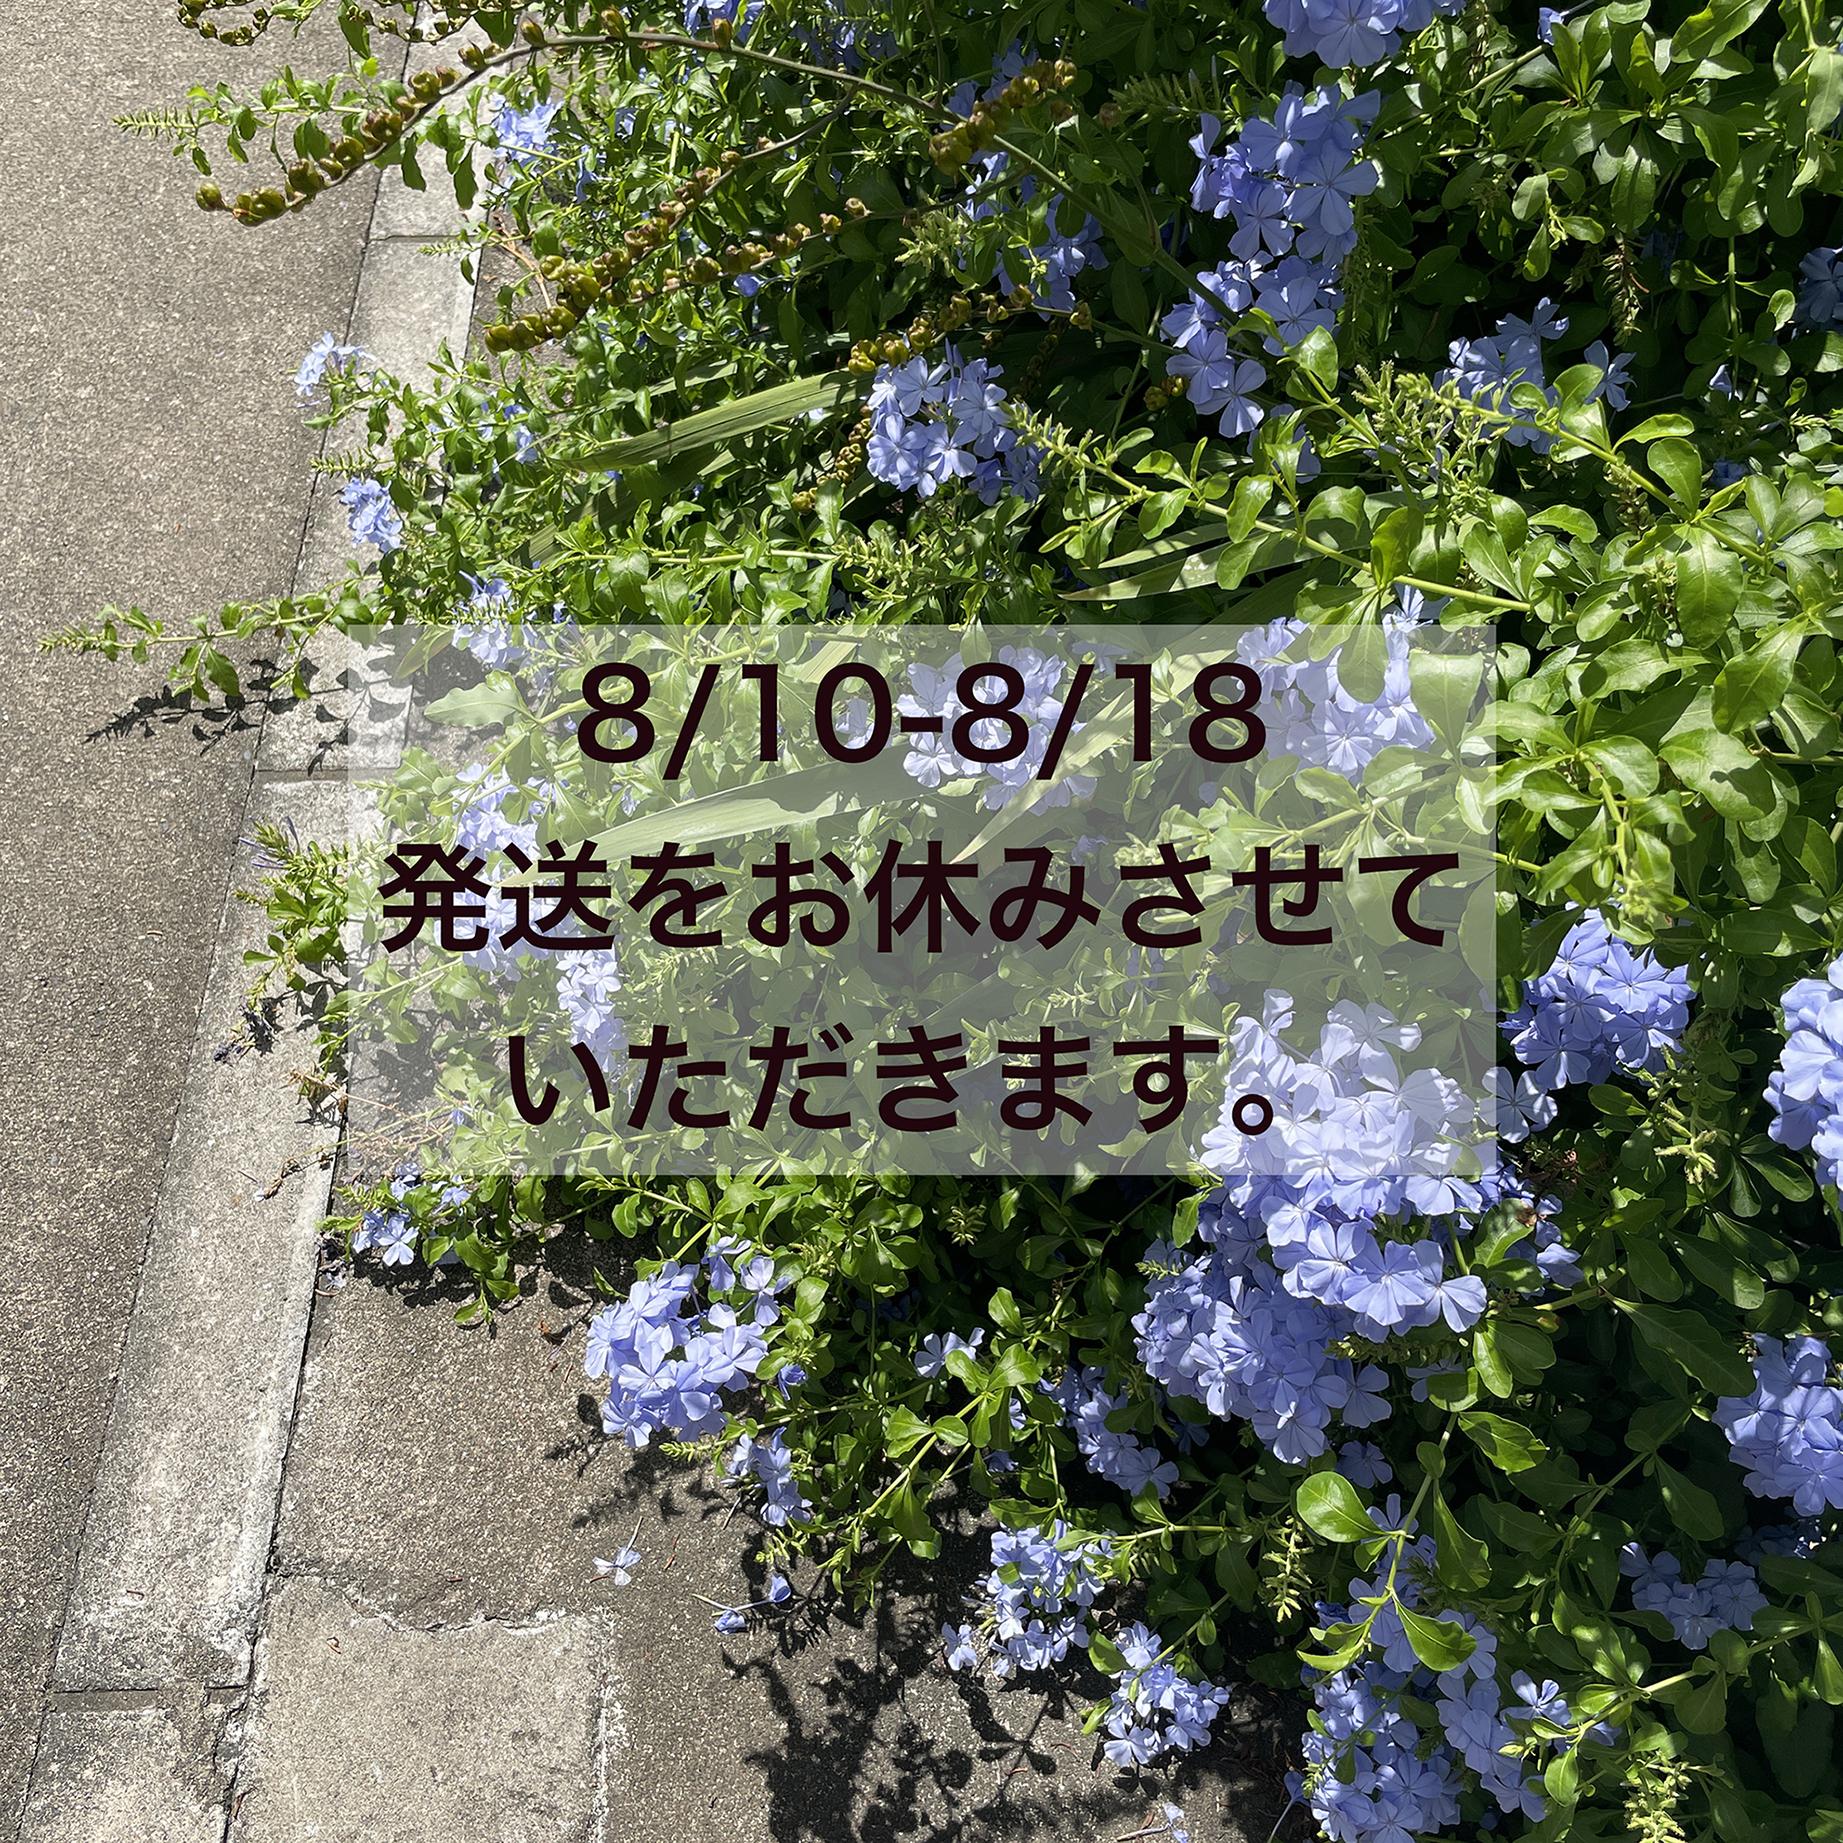 8/10〜8/18はOnline Shopの発送はお休みです。